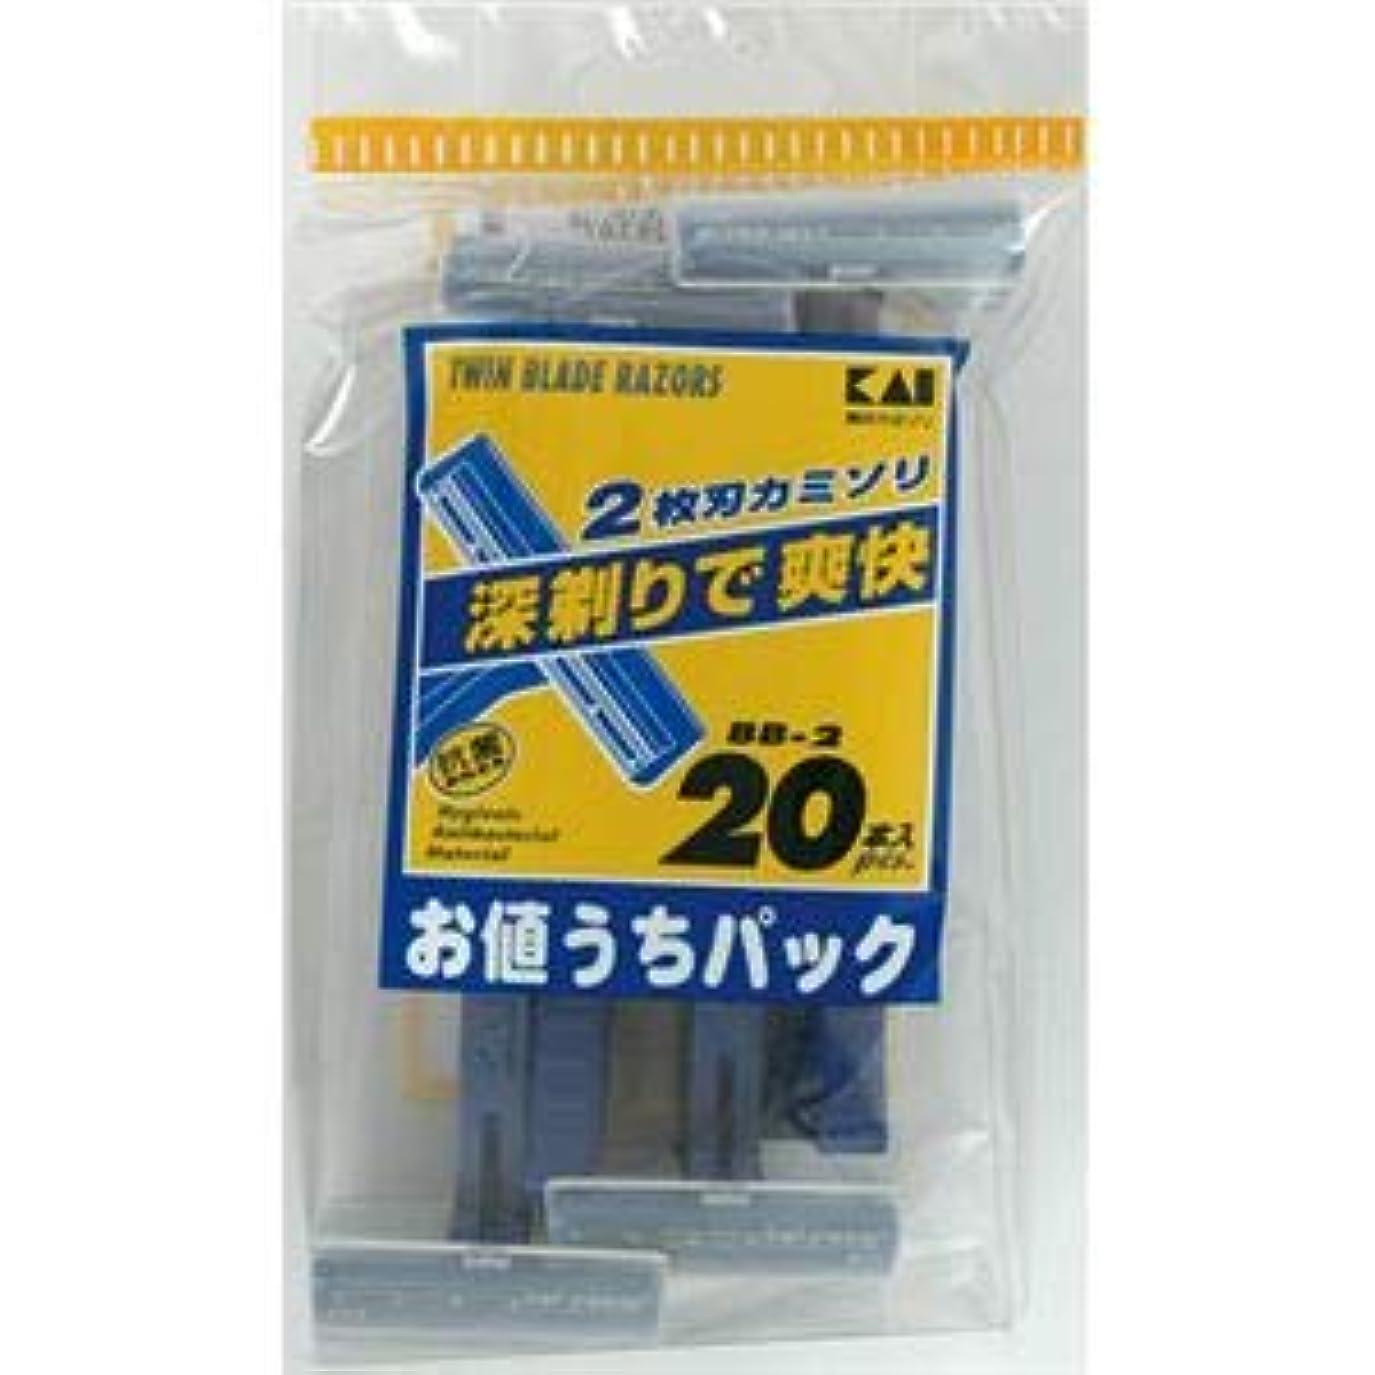 読みやすさ簡潔なルビー(業務用20セット) 貝印 BB-2 2枚刃カミソリ 20本